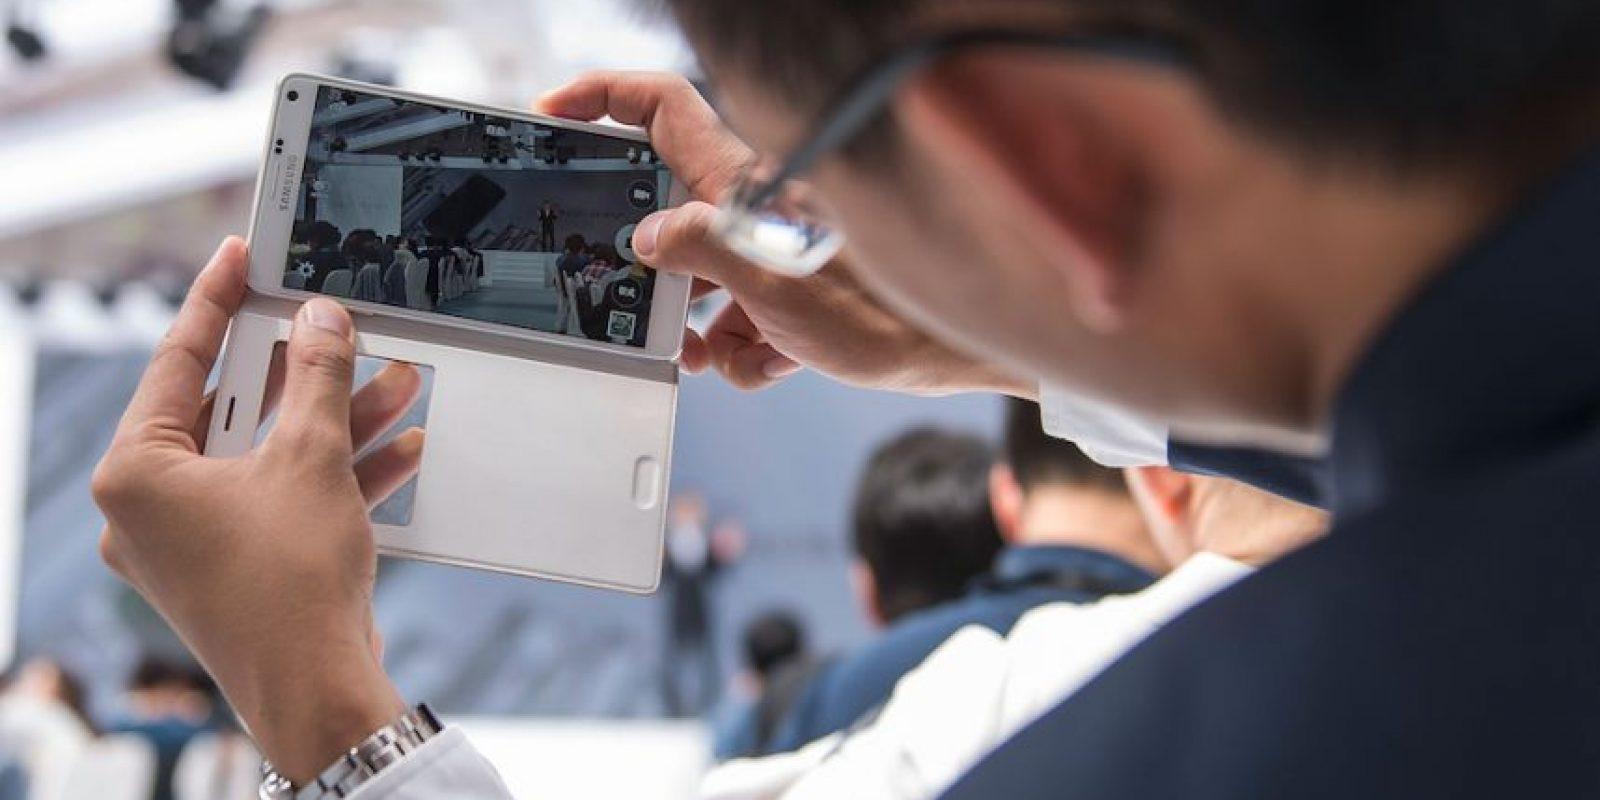 Cuenta con un sensor de huellas dactilares. Foto:Getty Images